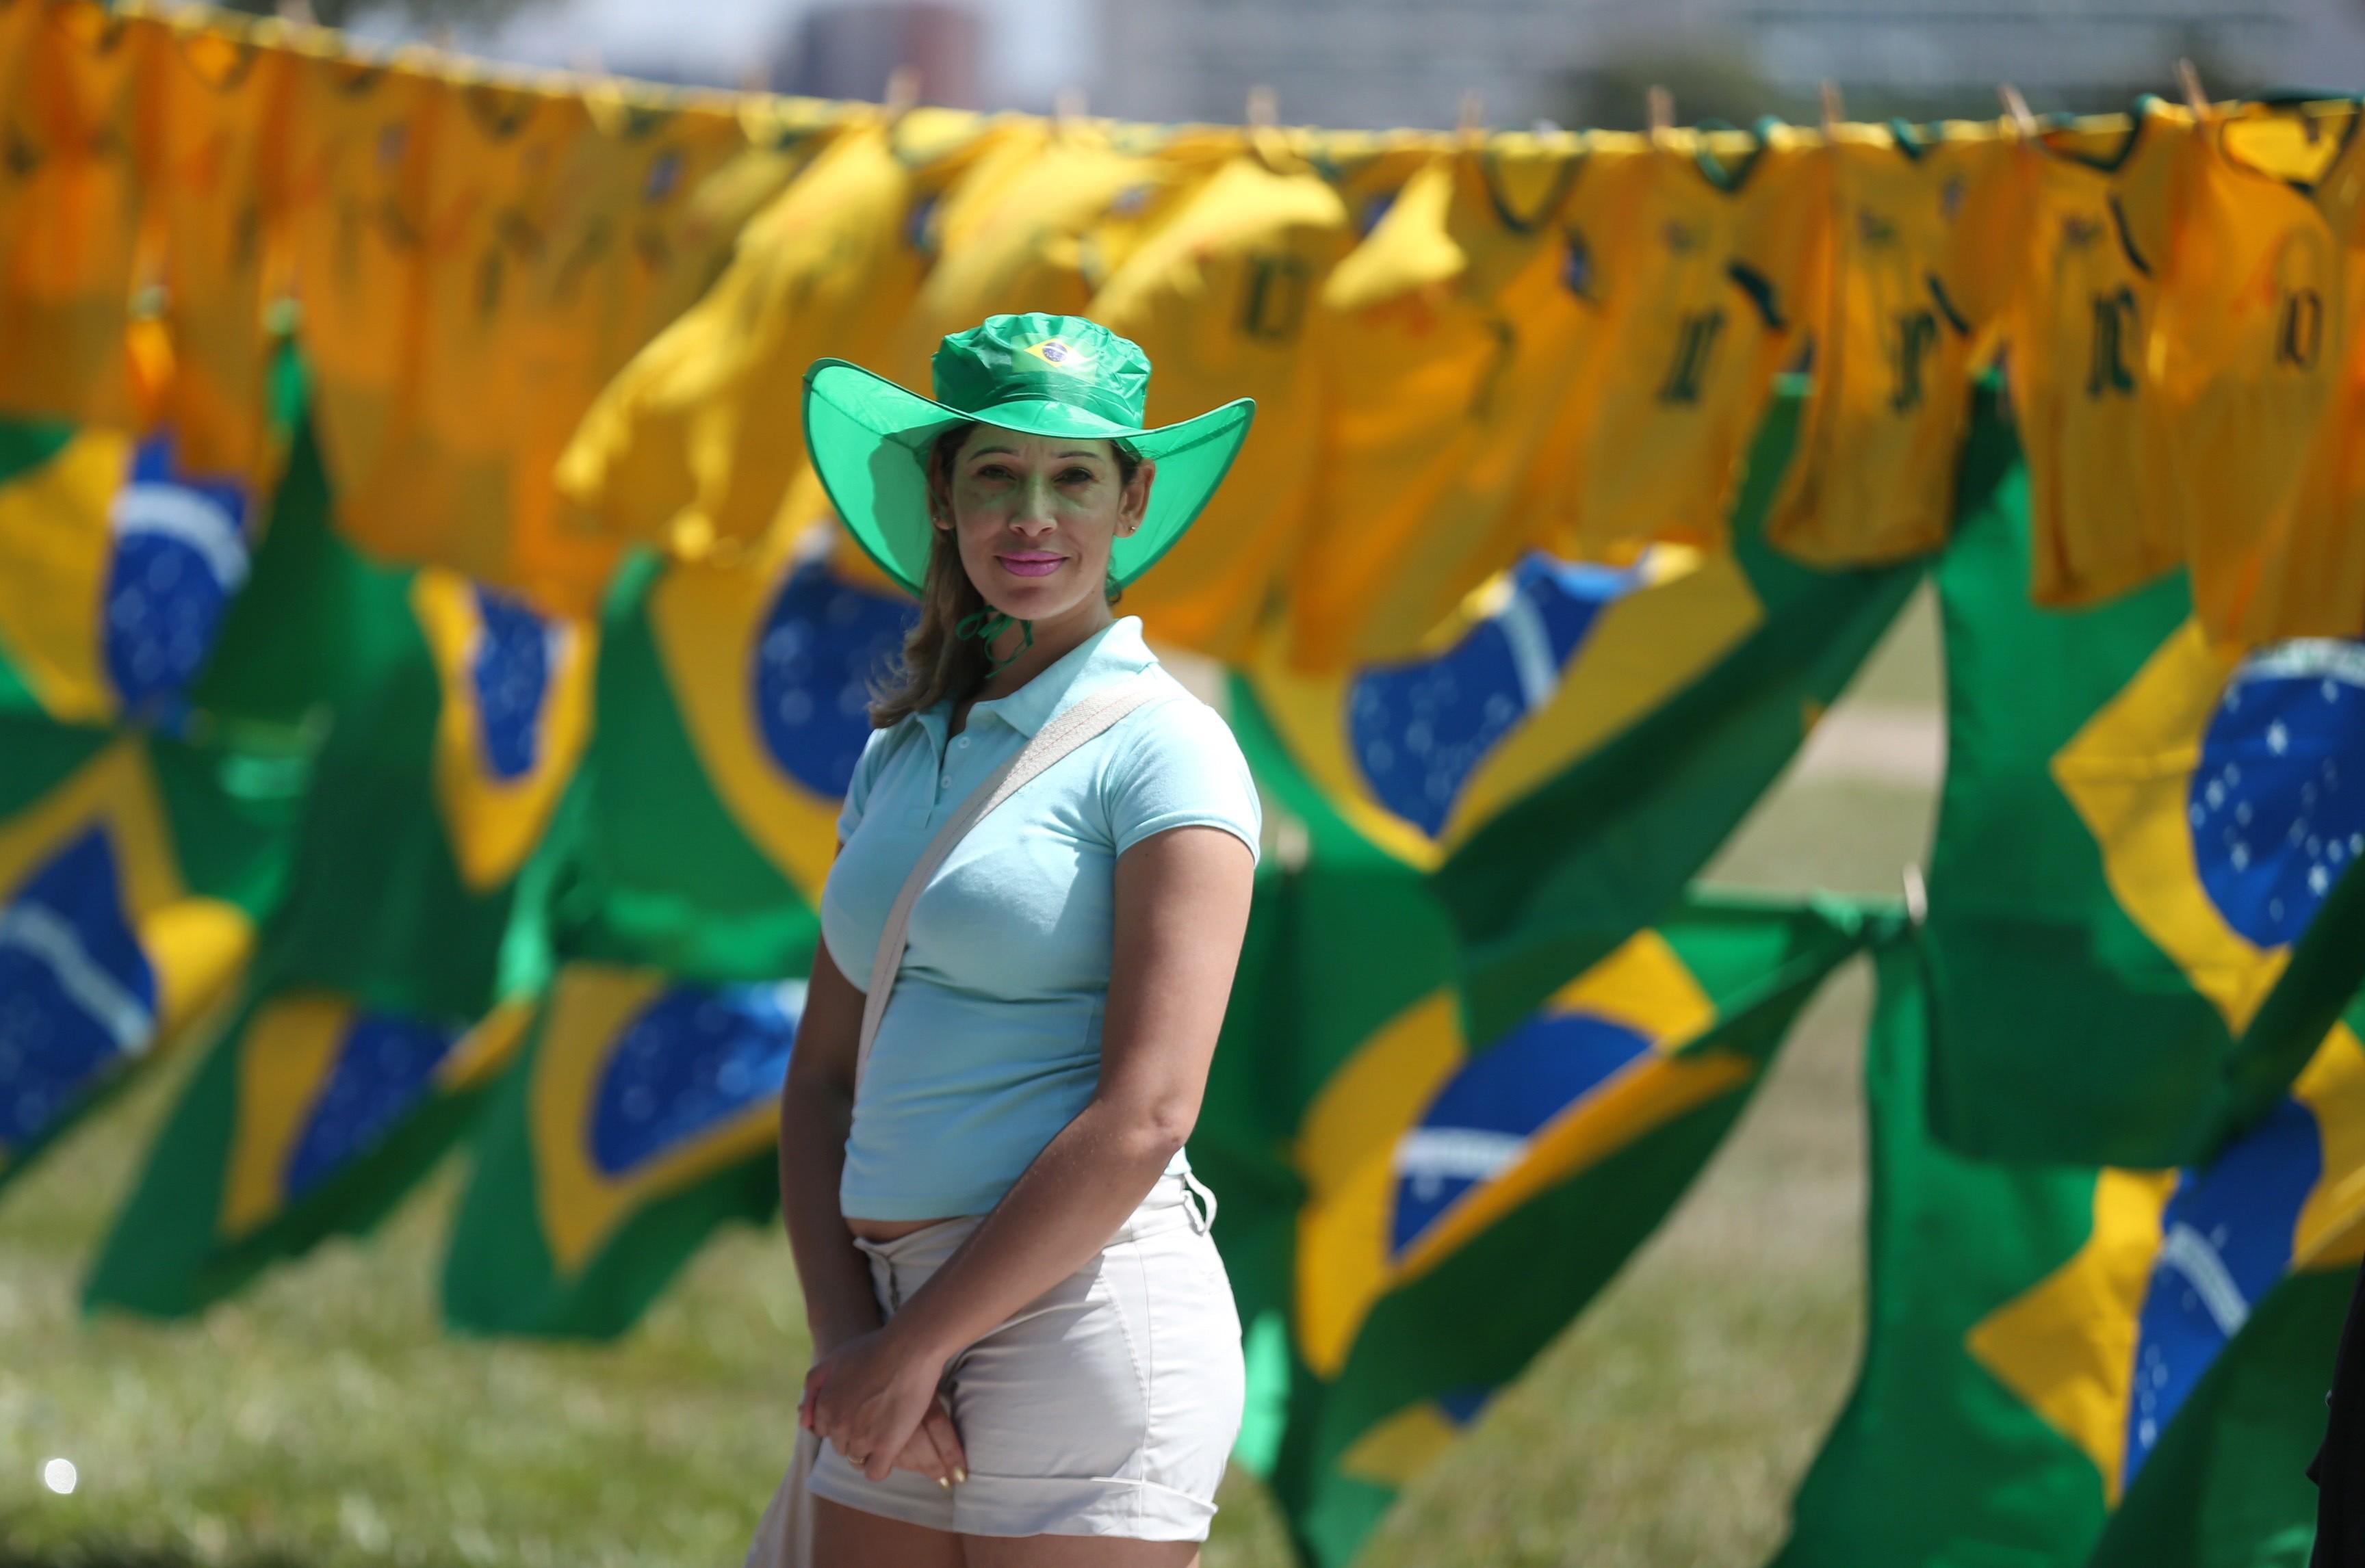 Manifestante pró impeachment se veste de verde e amarelo